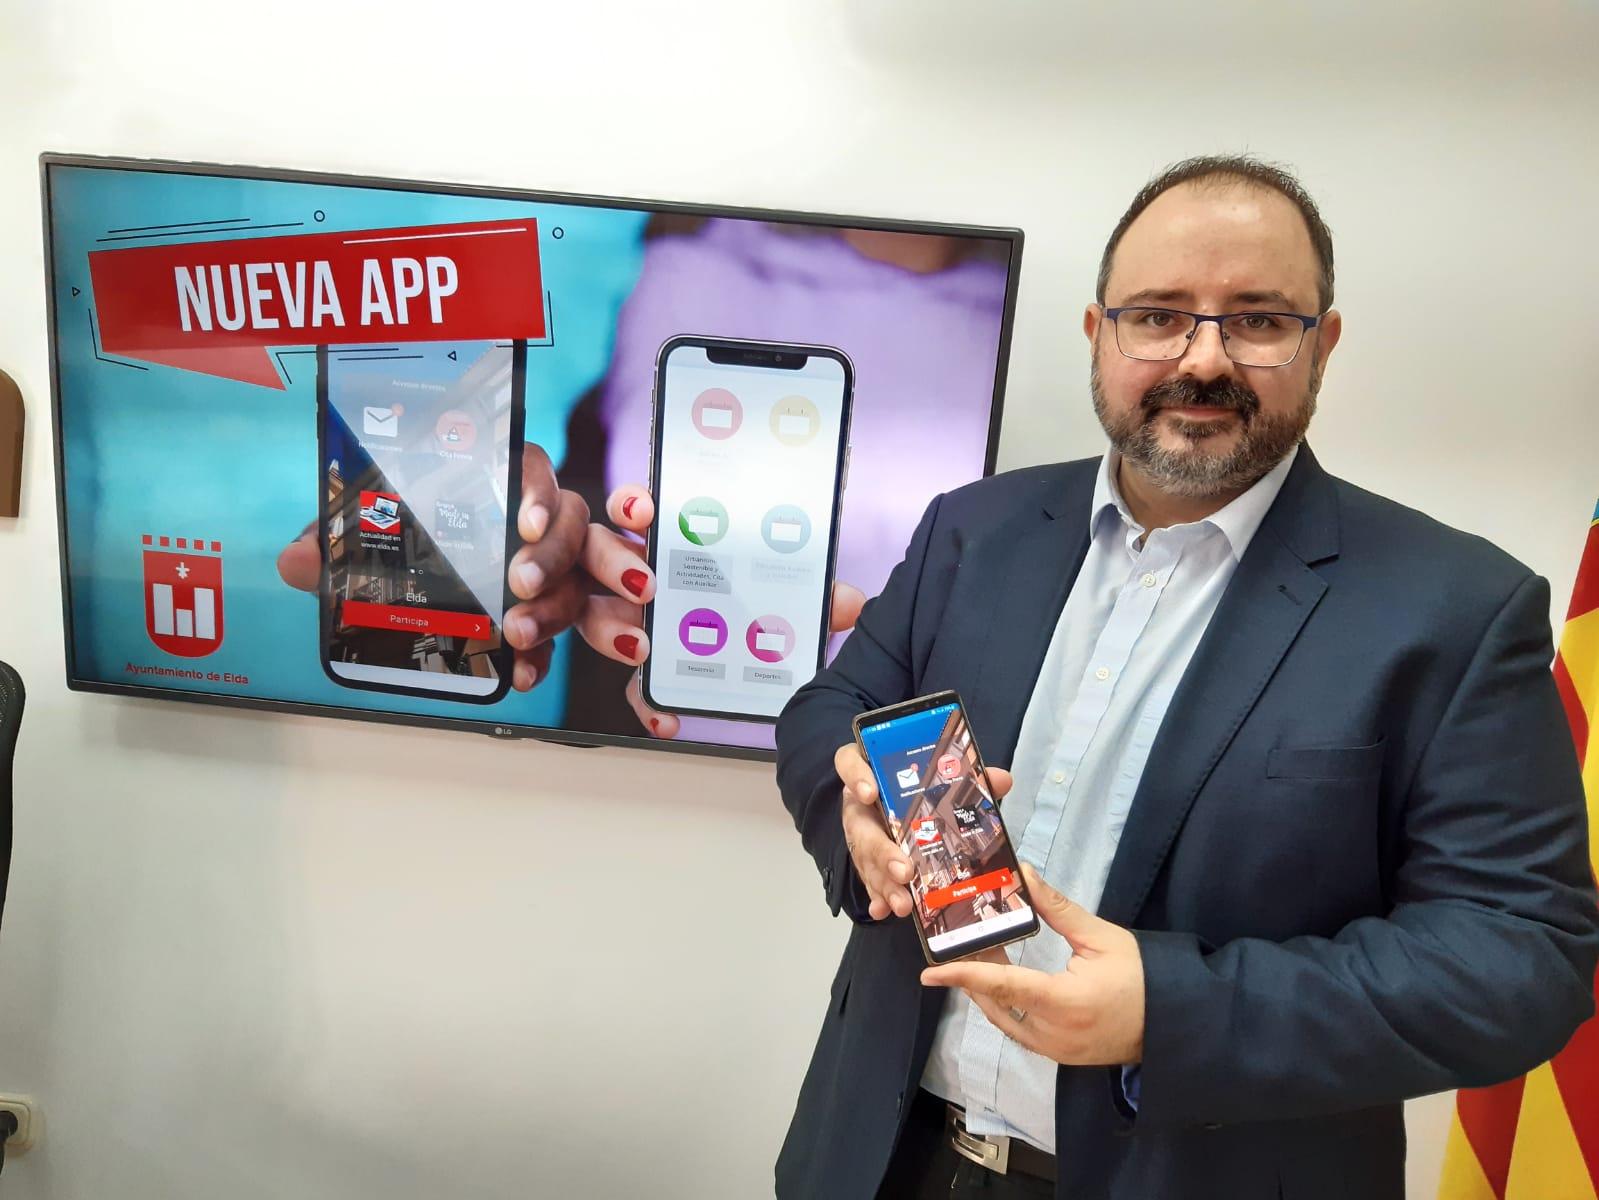 La Concejalía de Modernización pone en marcha una nueva APP para mejorar la comunicación de los ciudadanos y ciudadanas de Elda con el Ayuntamiento